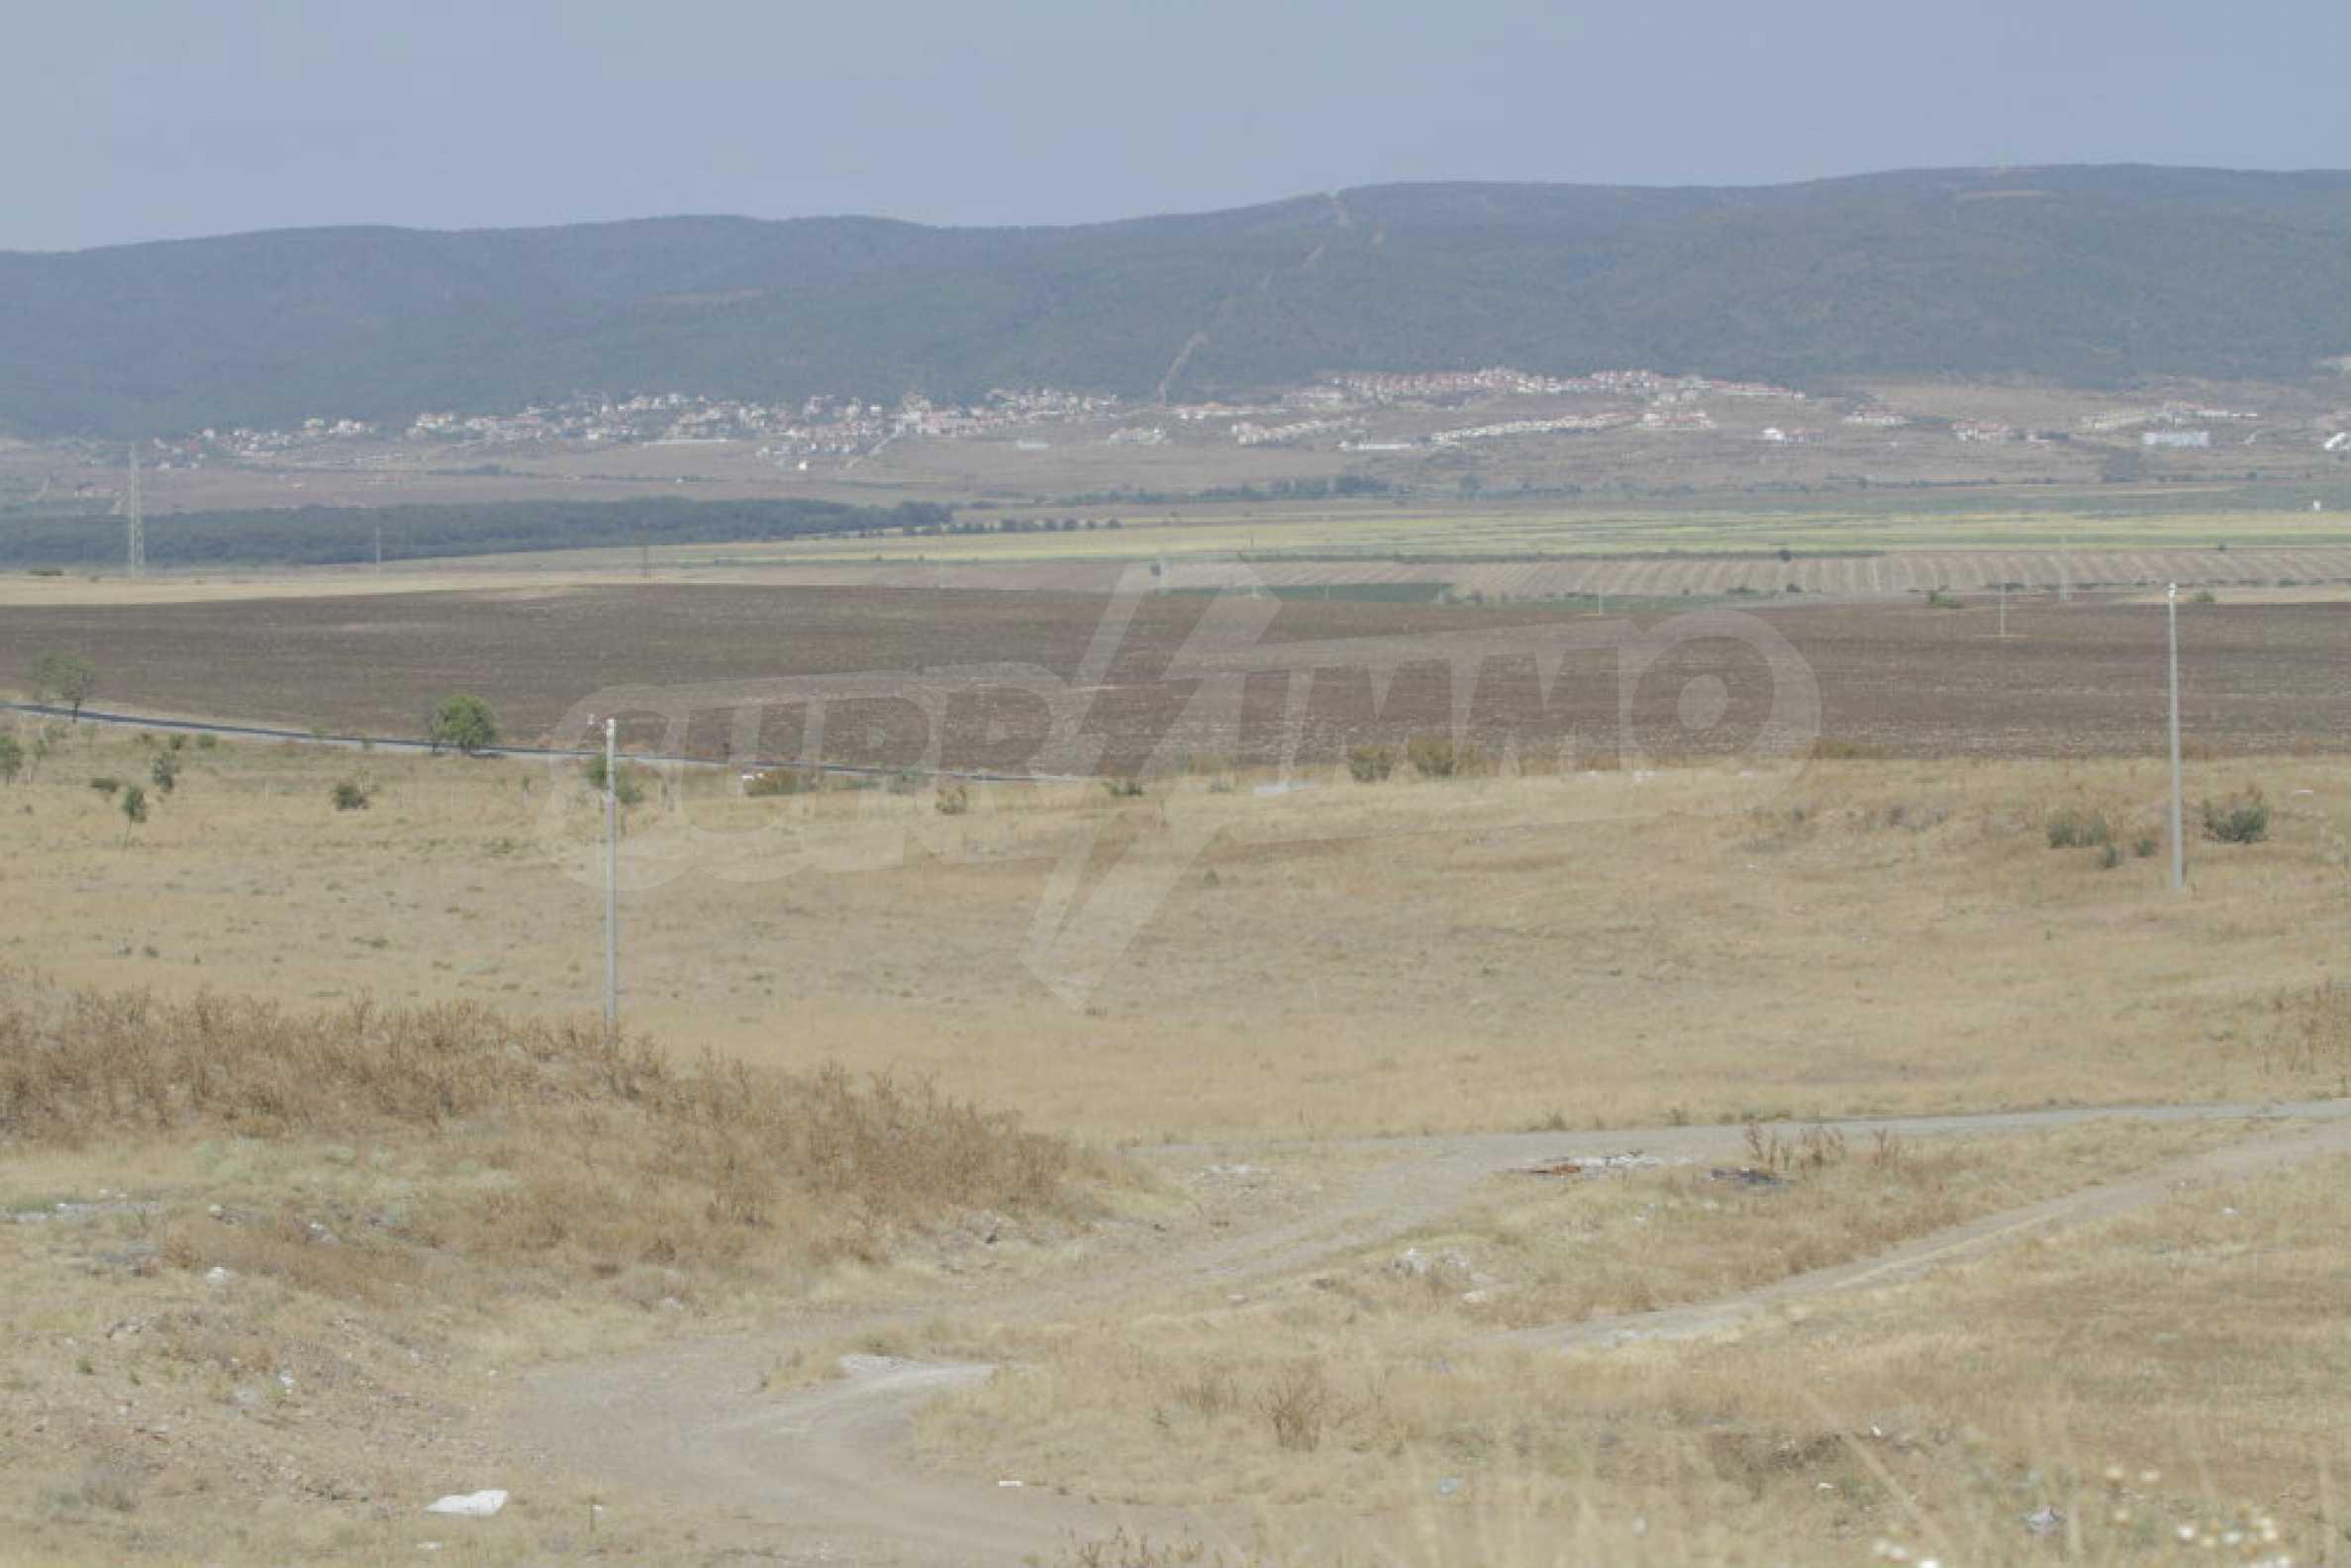 Attraktives Grundstück für Investieren in der Nähe des historischen Komplexes Aheloy 917 und Sonnenstrand, bei Tankowo und Aheloy 43